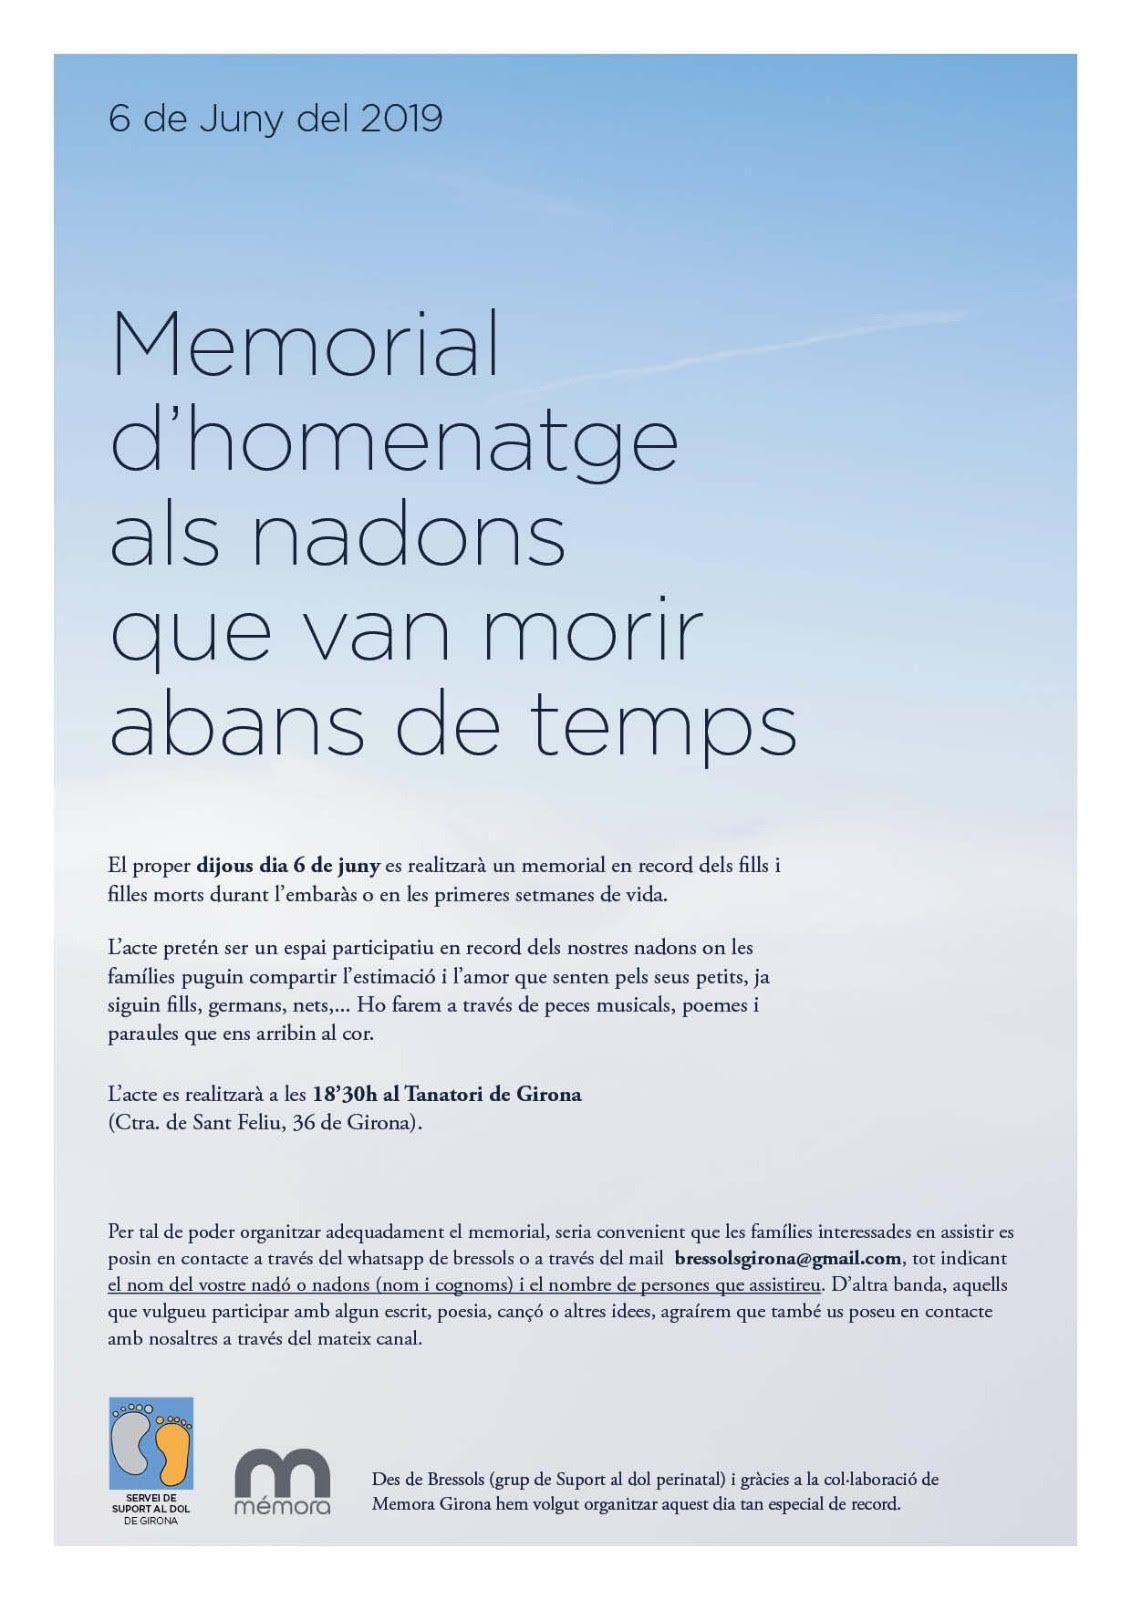 Memorial d'homenatge als nadons que van morir abans de temps